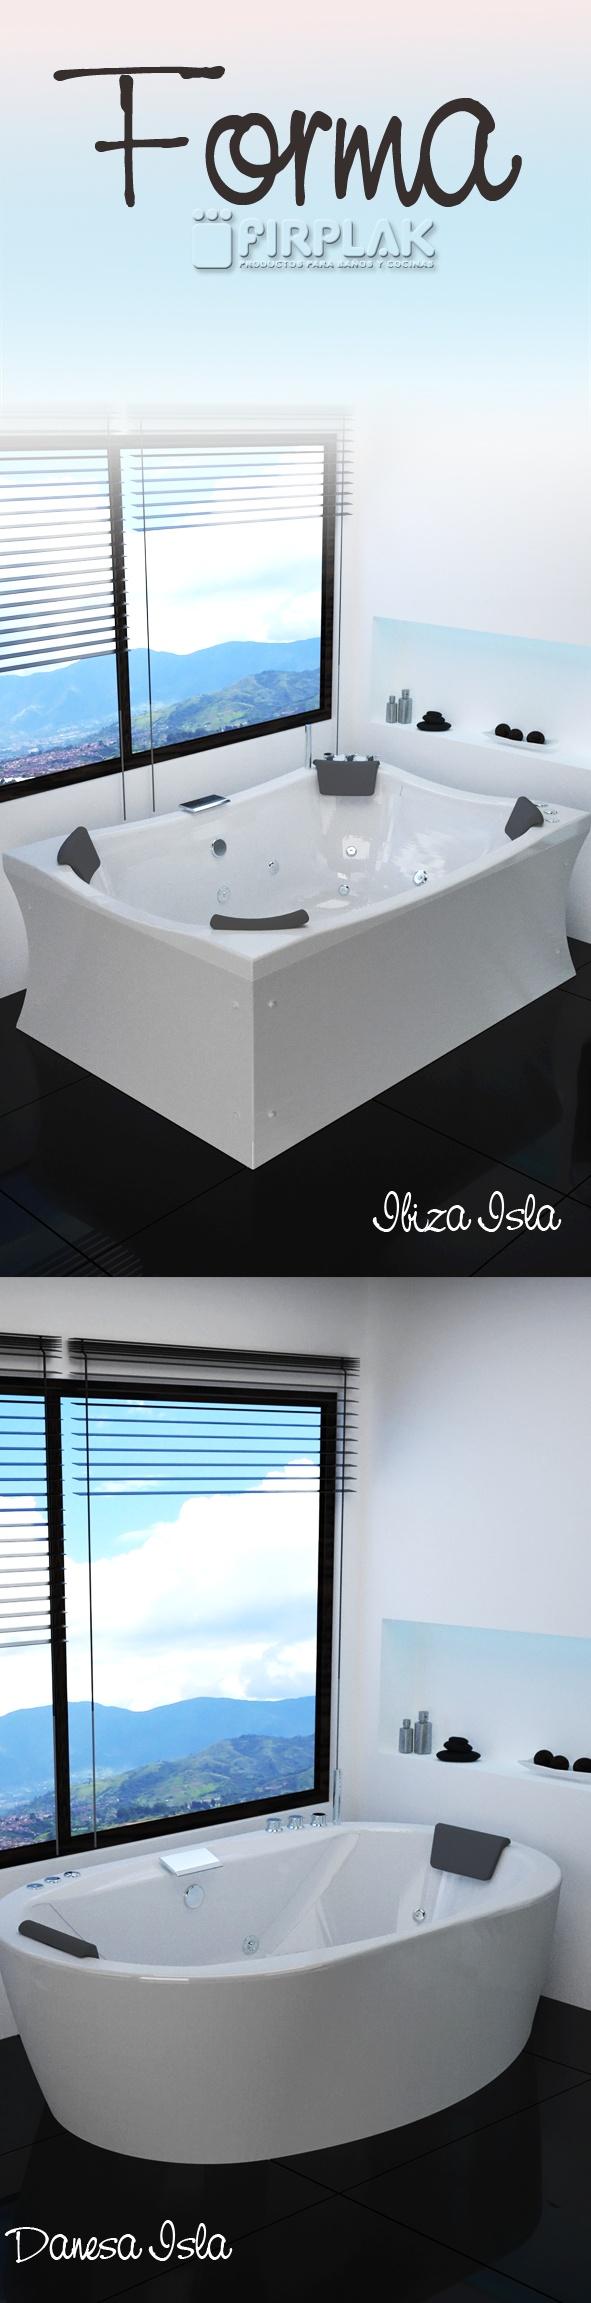 Línea Forma, estilo e innovación en tu baño